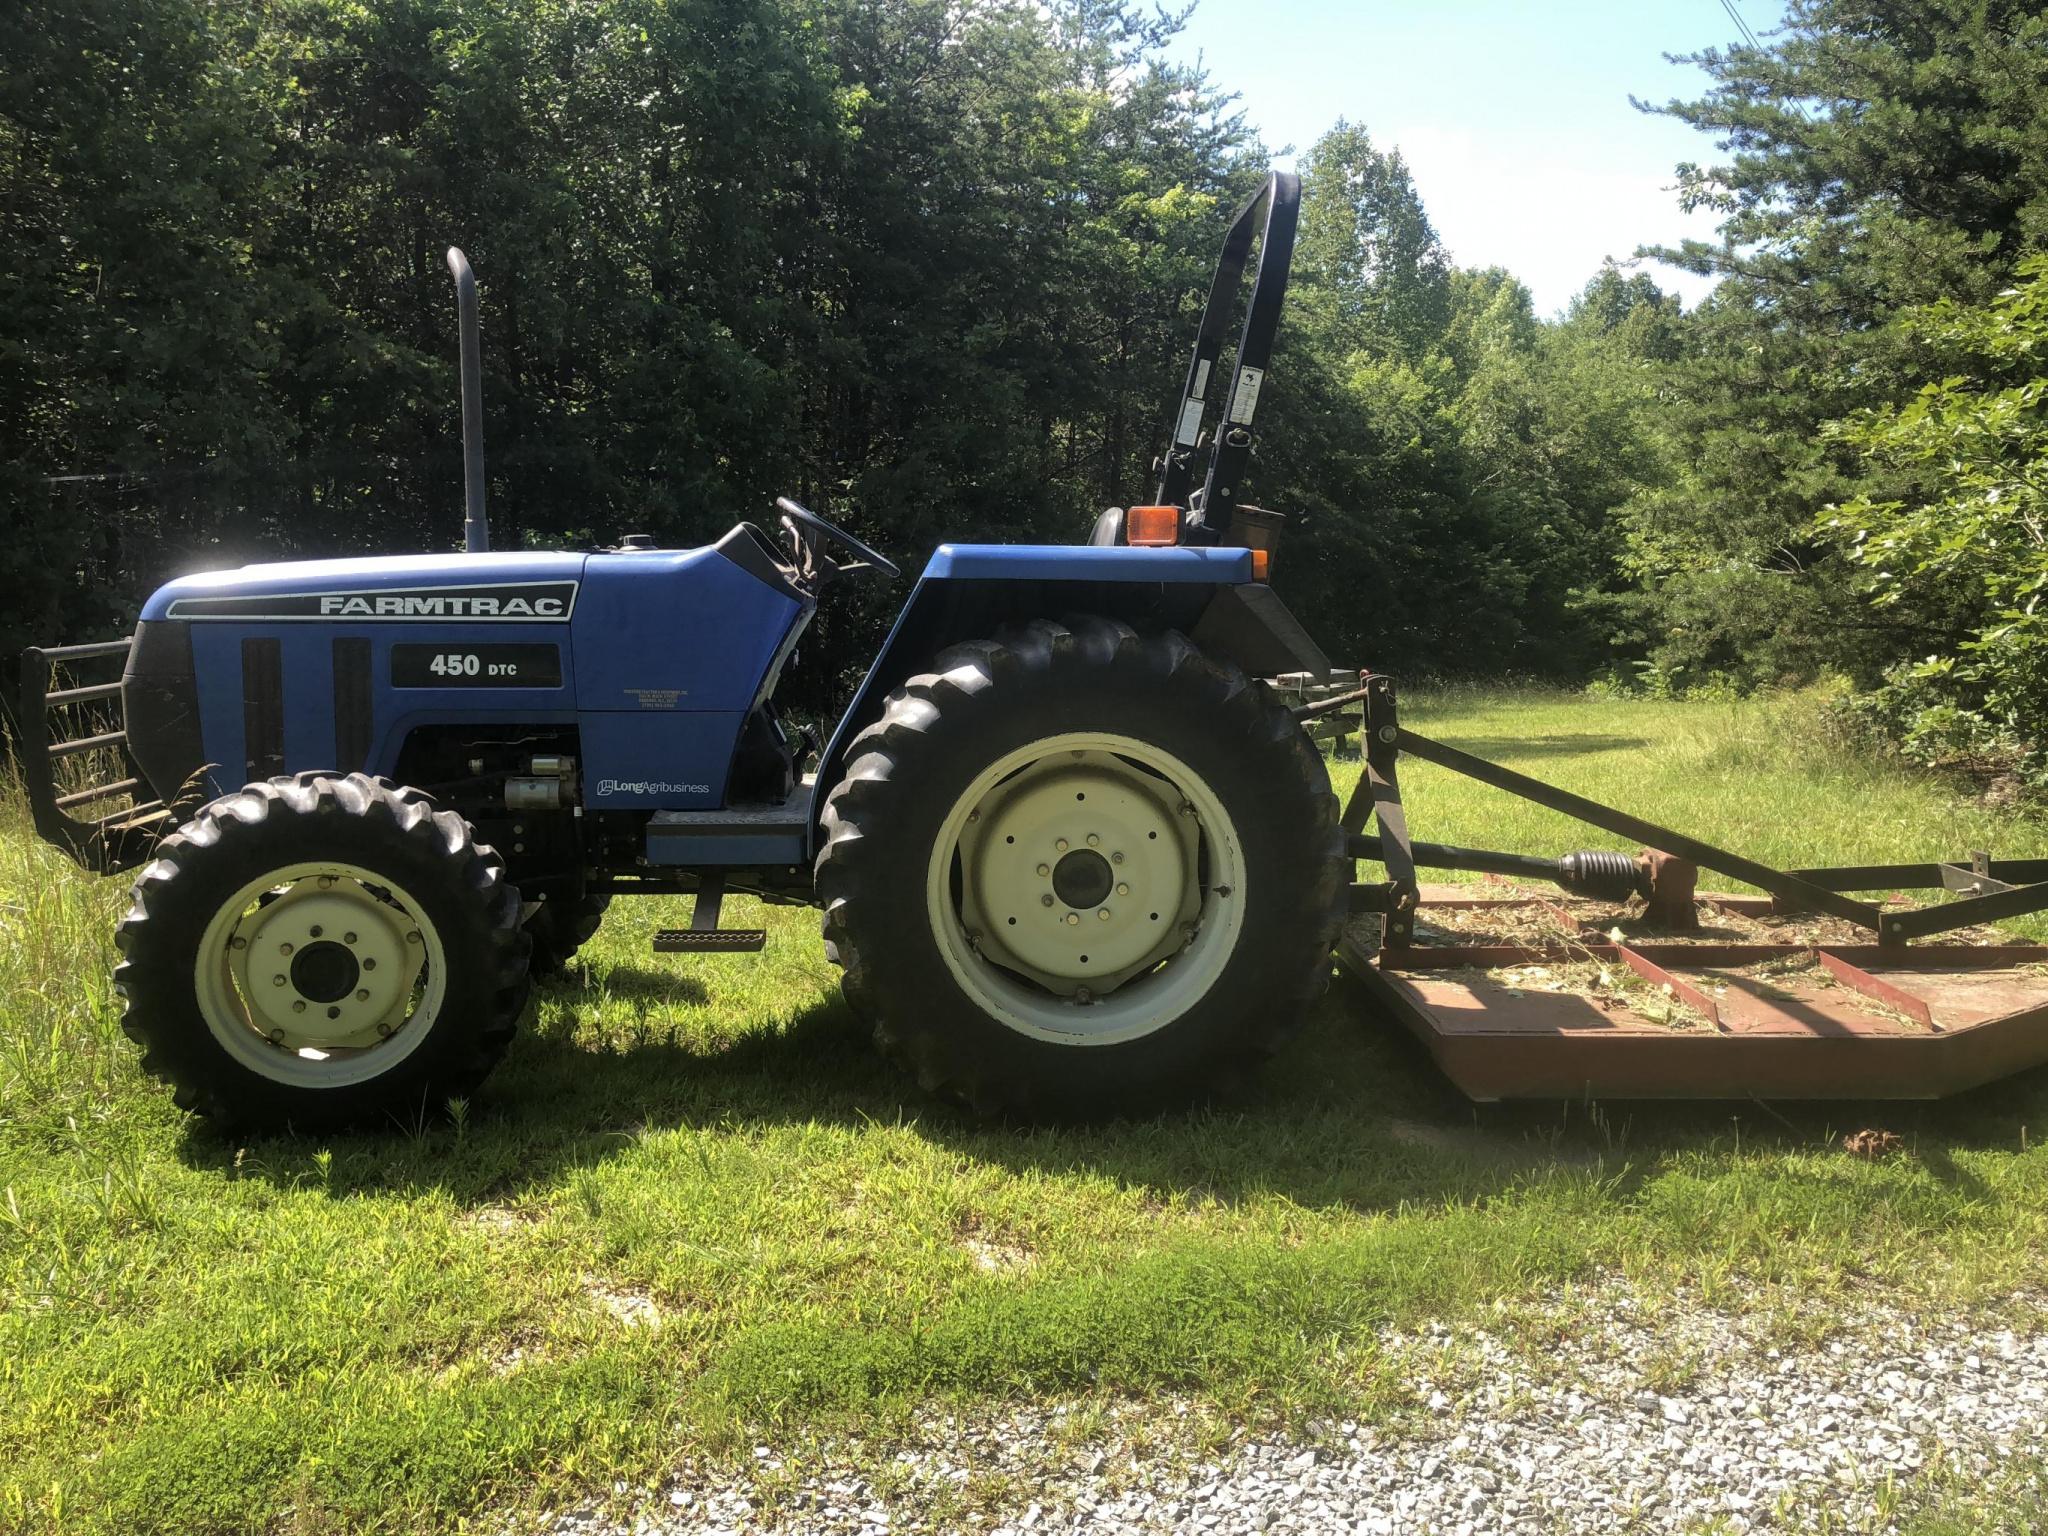 vintage tractors-532154e7-3698-496b-b99f-4f7b6121032d_1562765686366.jpg